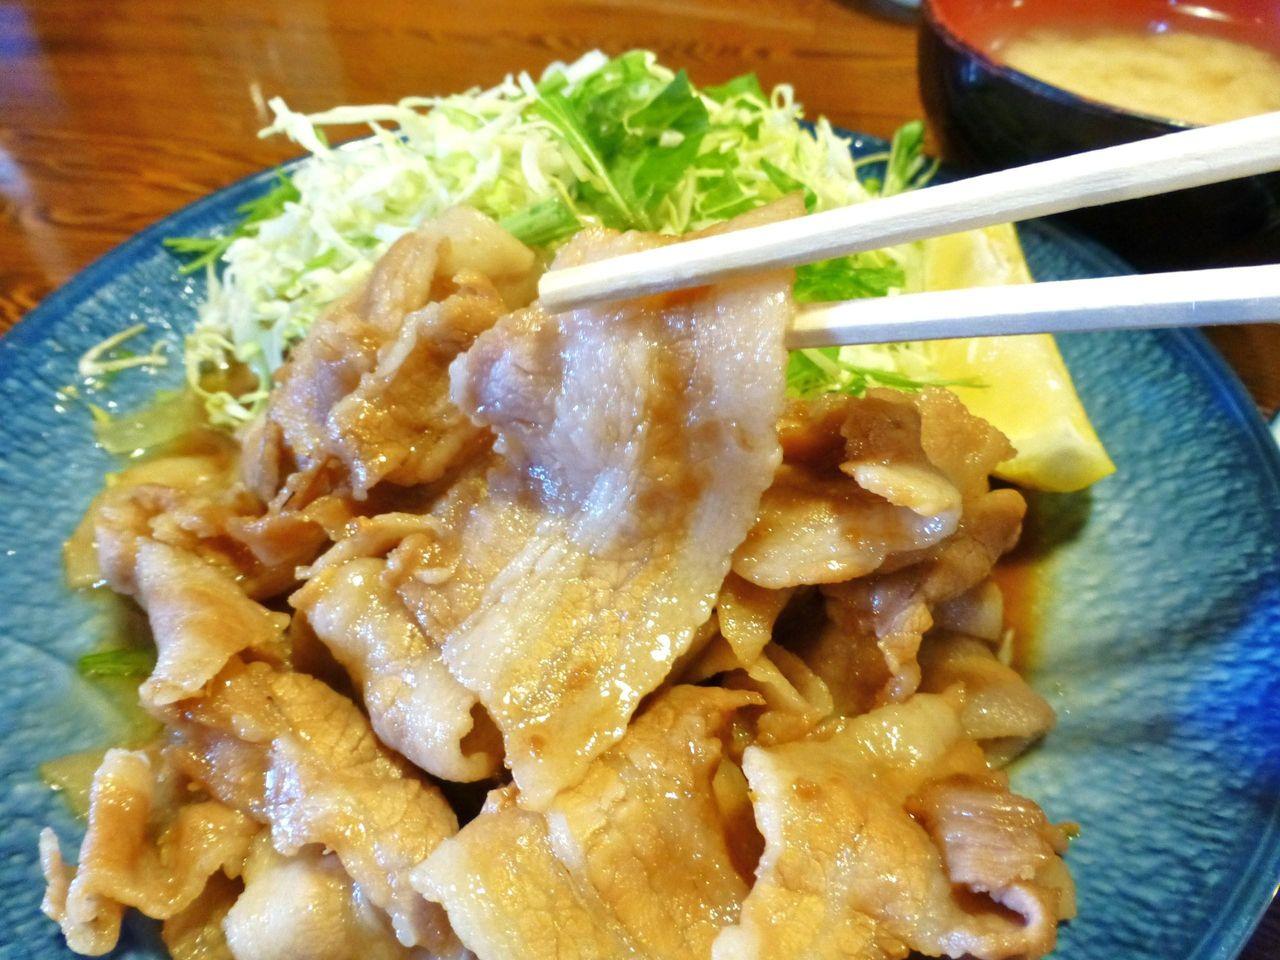 豚バラ肉を使用した生姜焼きは、少々濃いめの味付け!